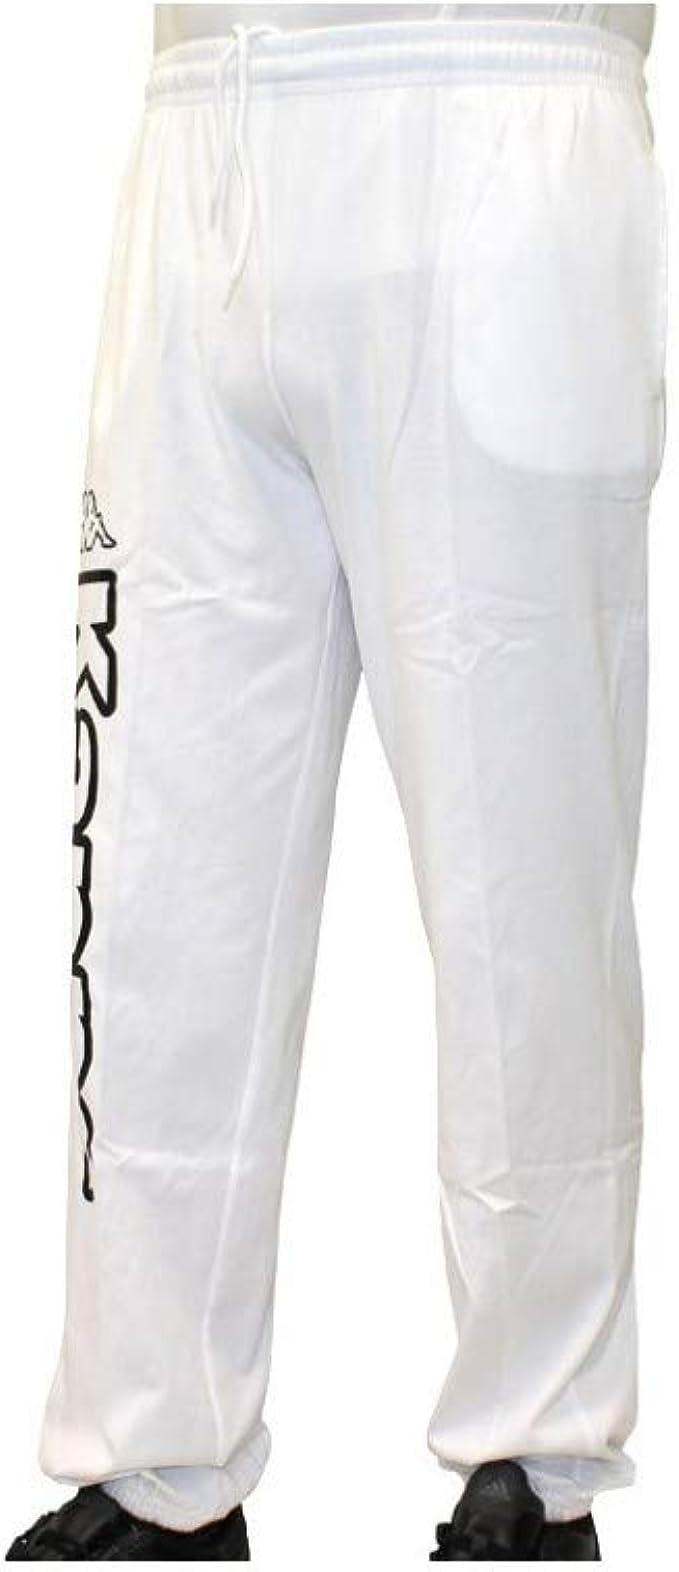 Kappa – Pantalón de chándal – Pantalón Costo Blanco XXXL ...